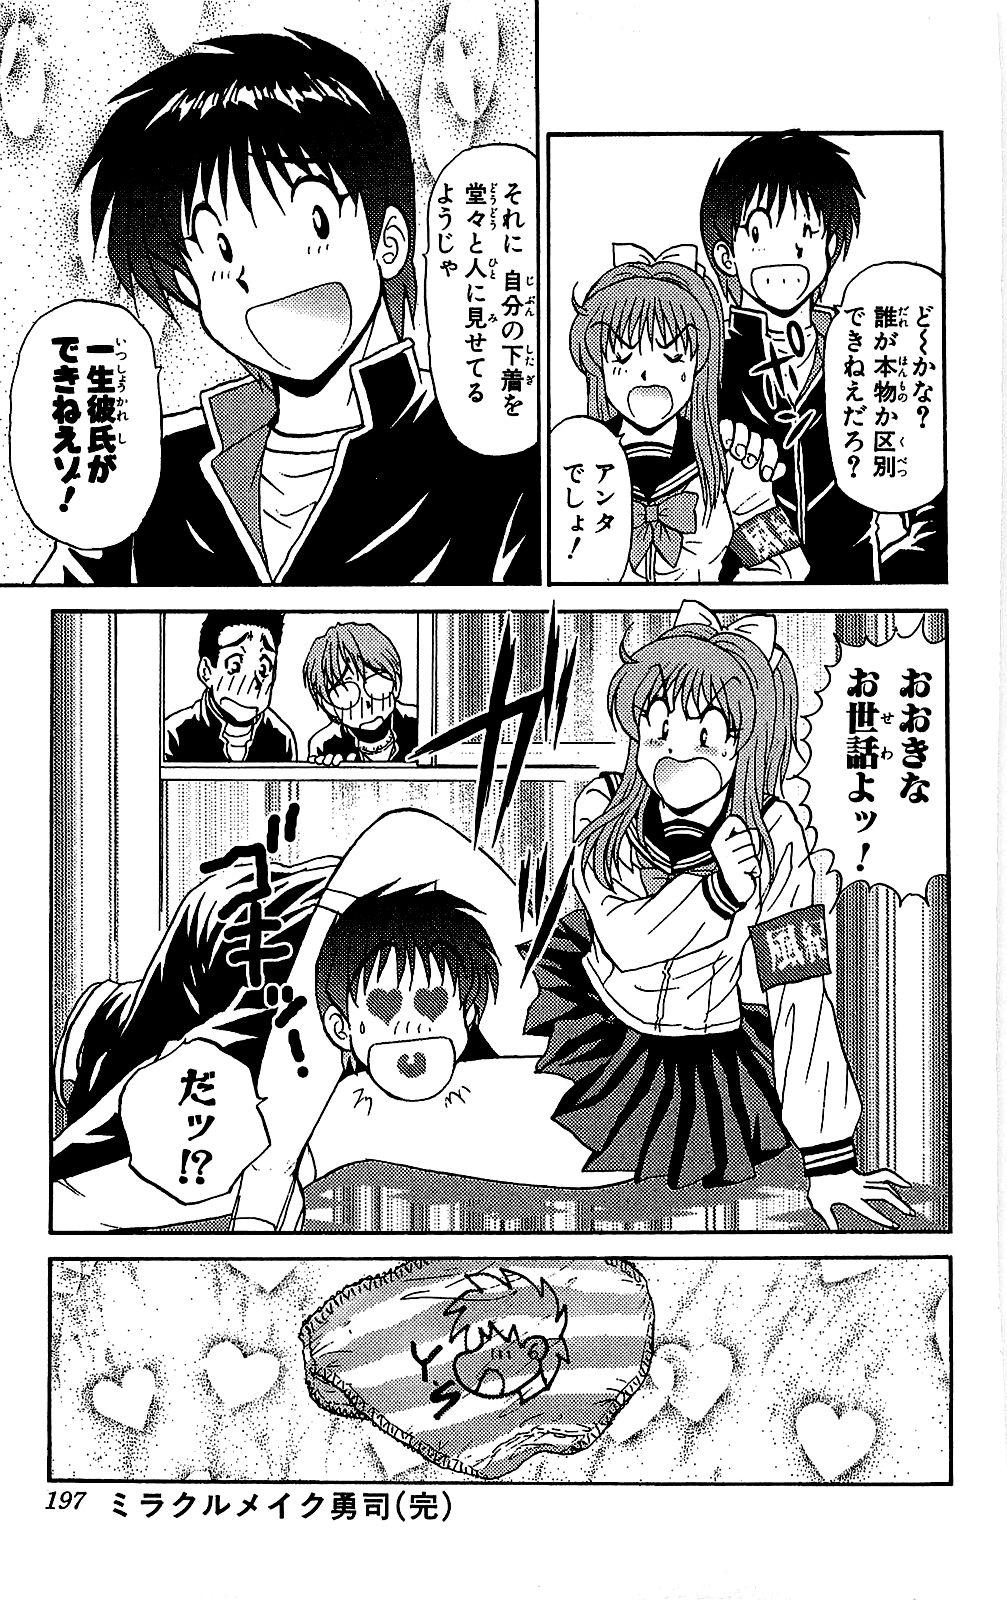 Miracle Make Yuuji 197